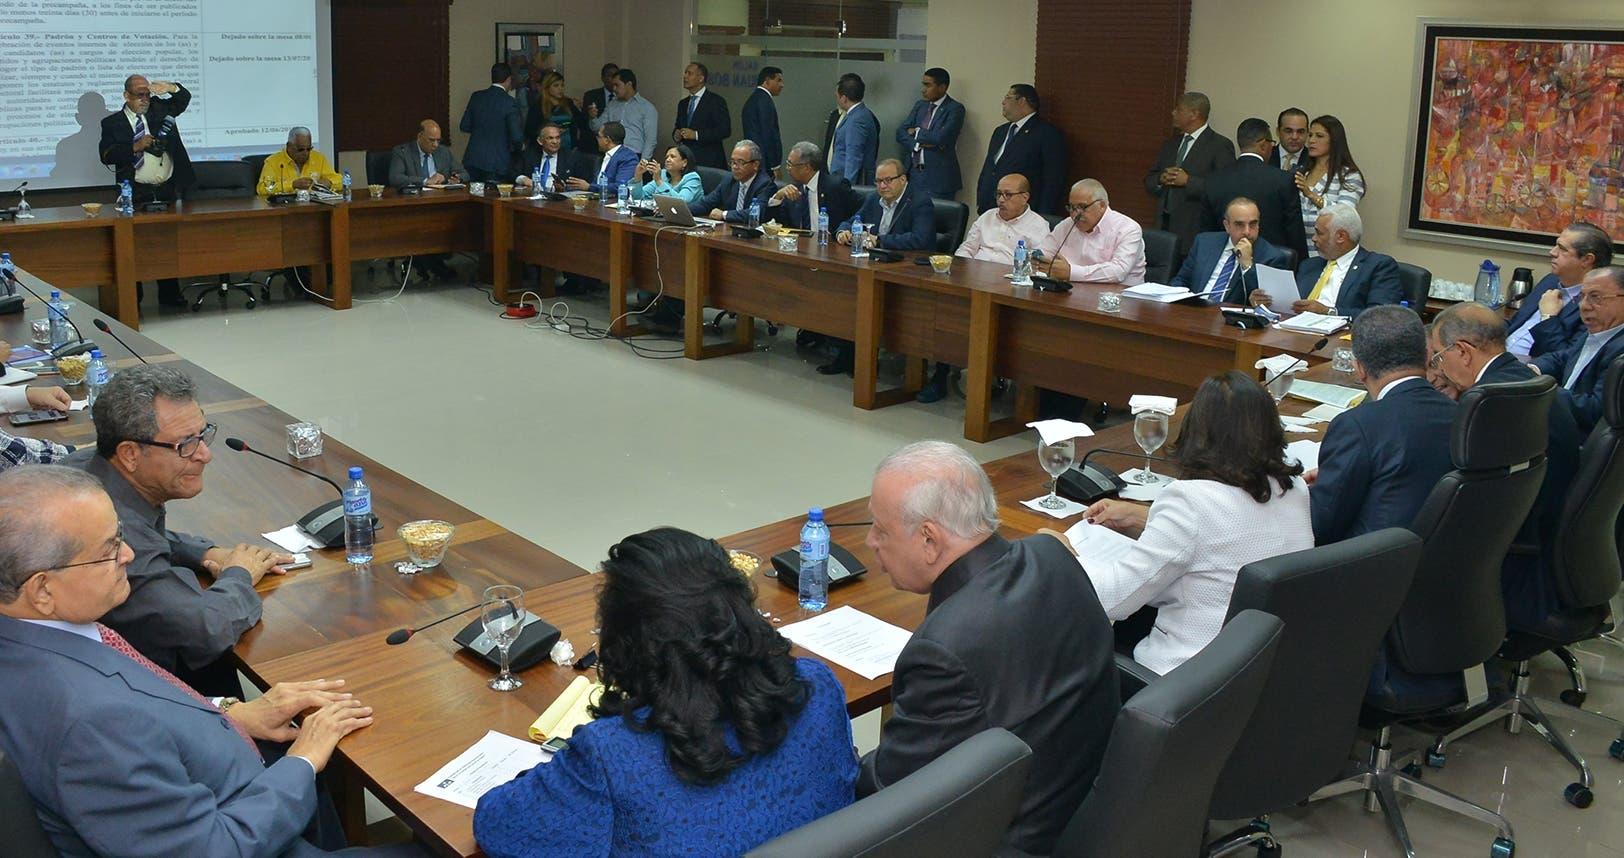 Momentos en que el  presidente Danilo Medina y el expresidente  Leonel Fernández encabezaban  la reunión del Comité Político.